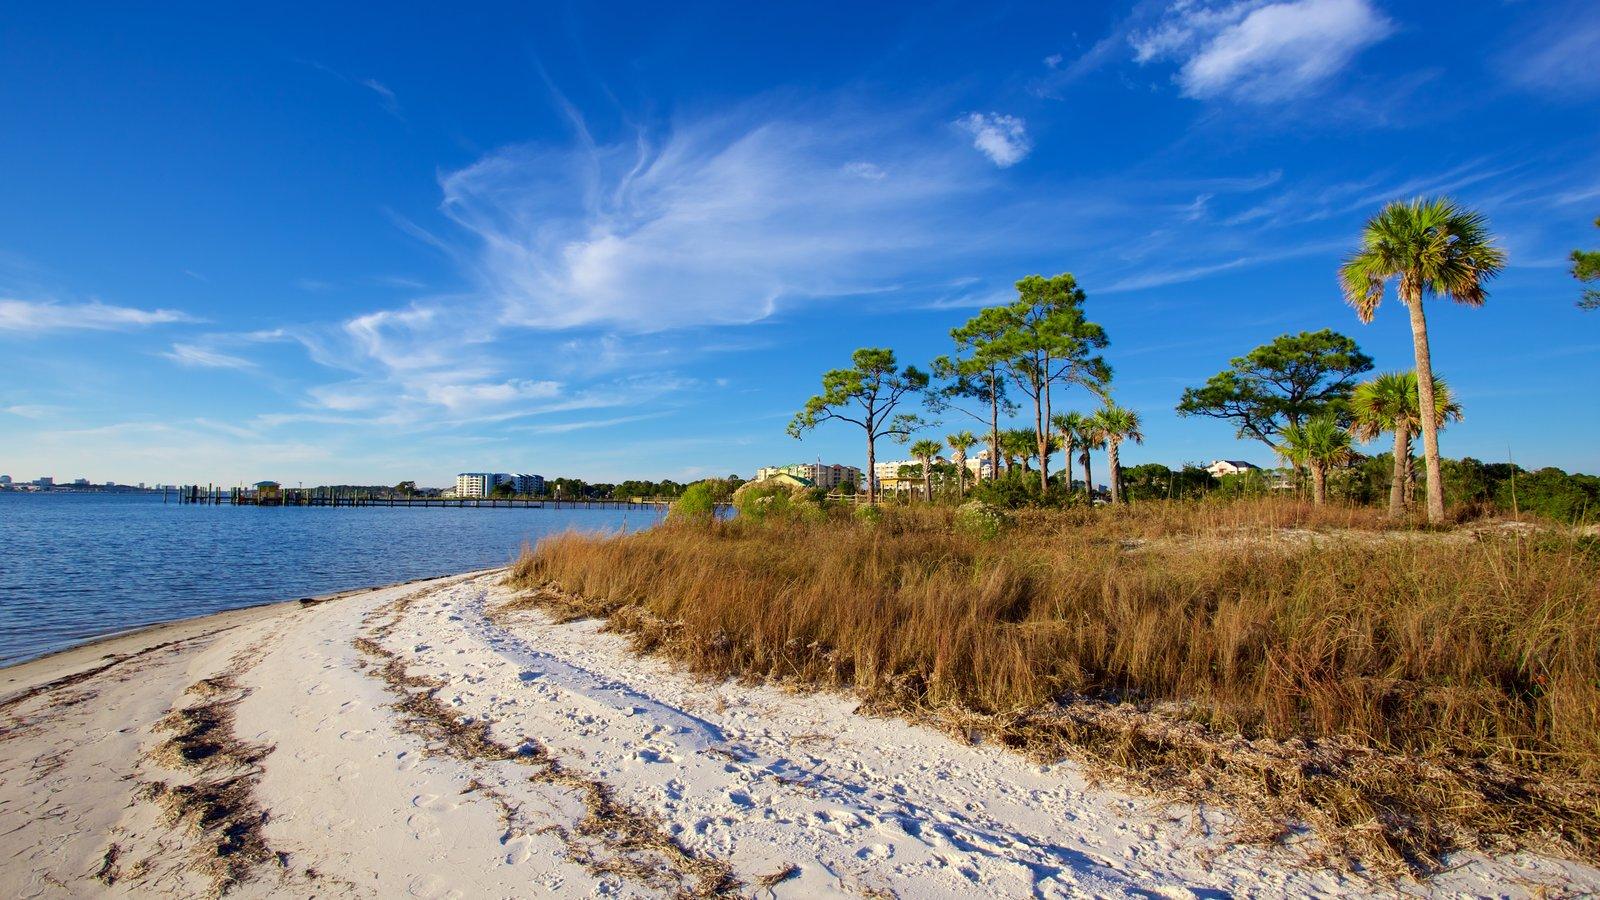 Upper Grand Lagoon que inclui cenas tranquilas, uma praia e um lago ou charco